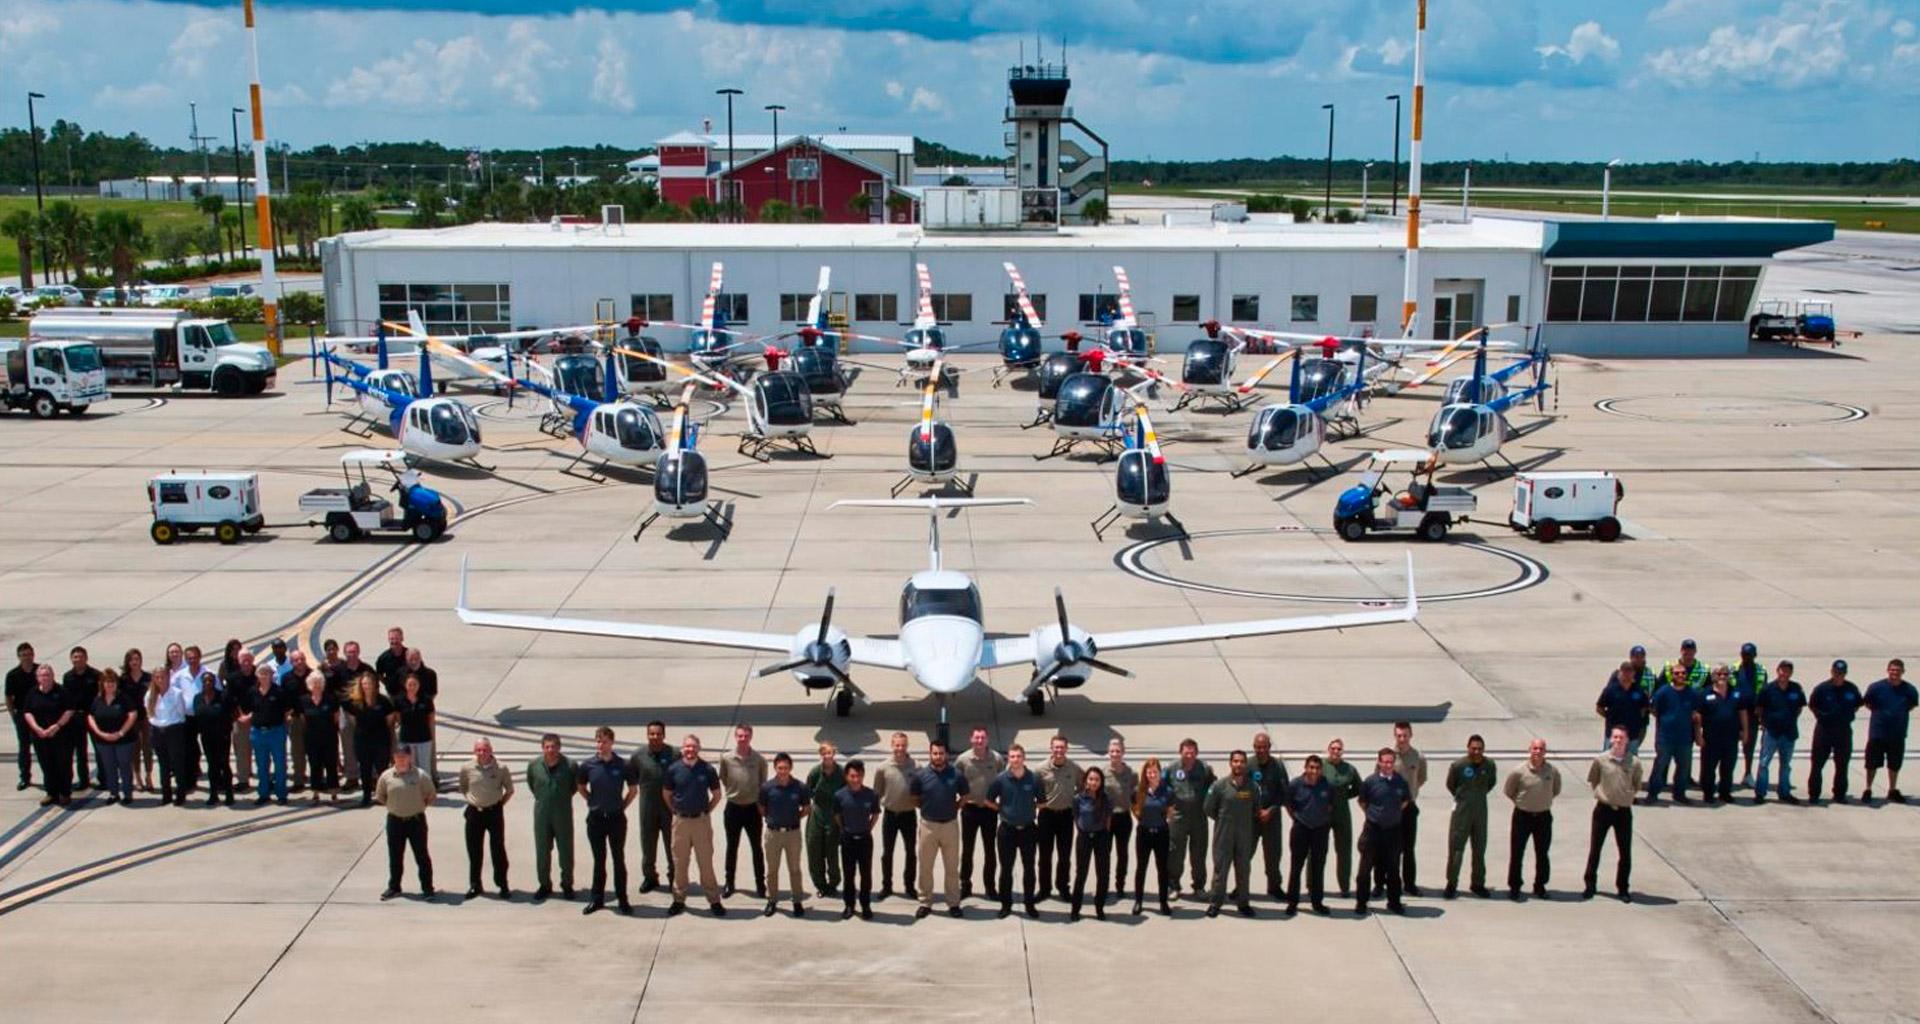 equipo-de-la-academia-piloto-helicopteros-usa